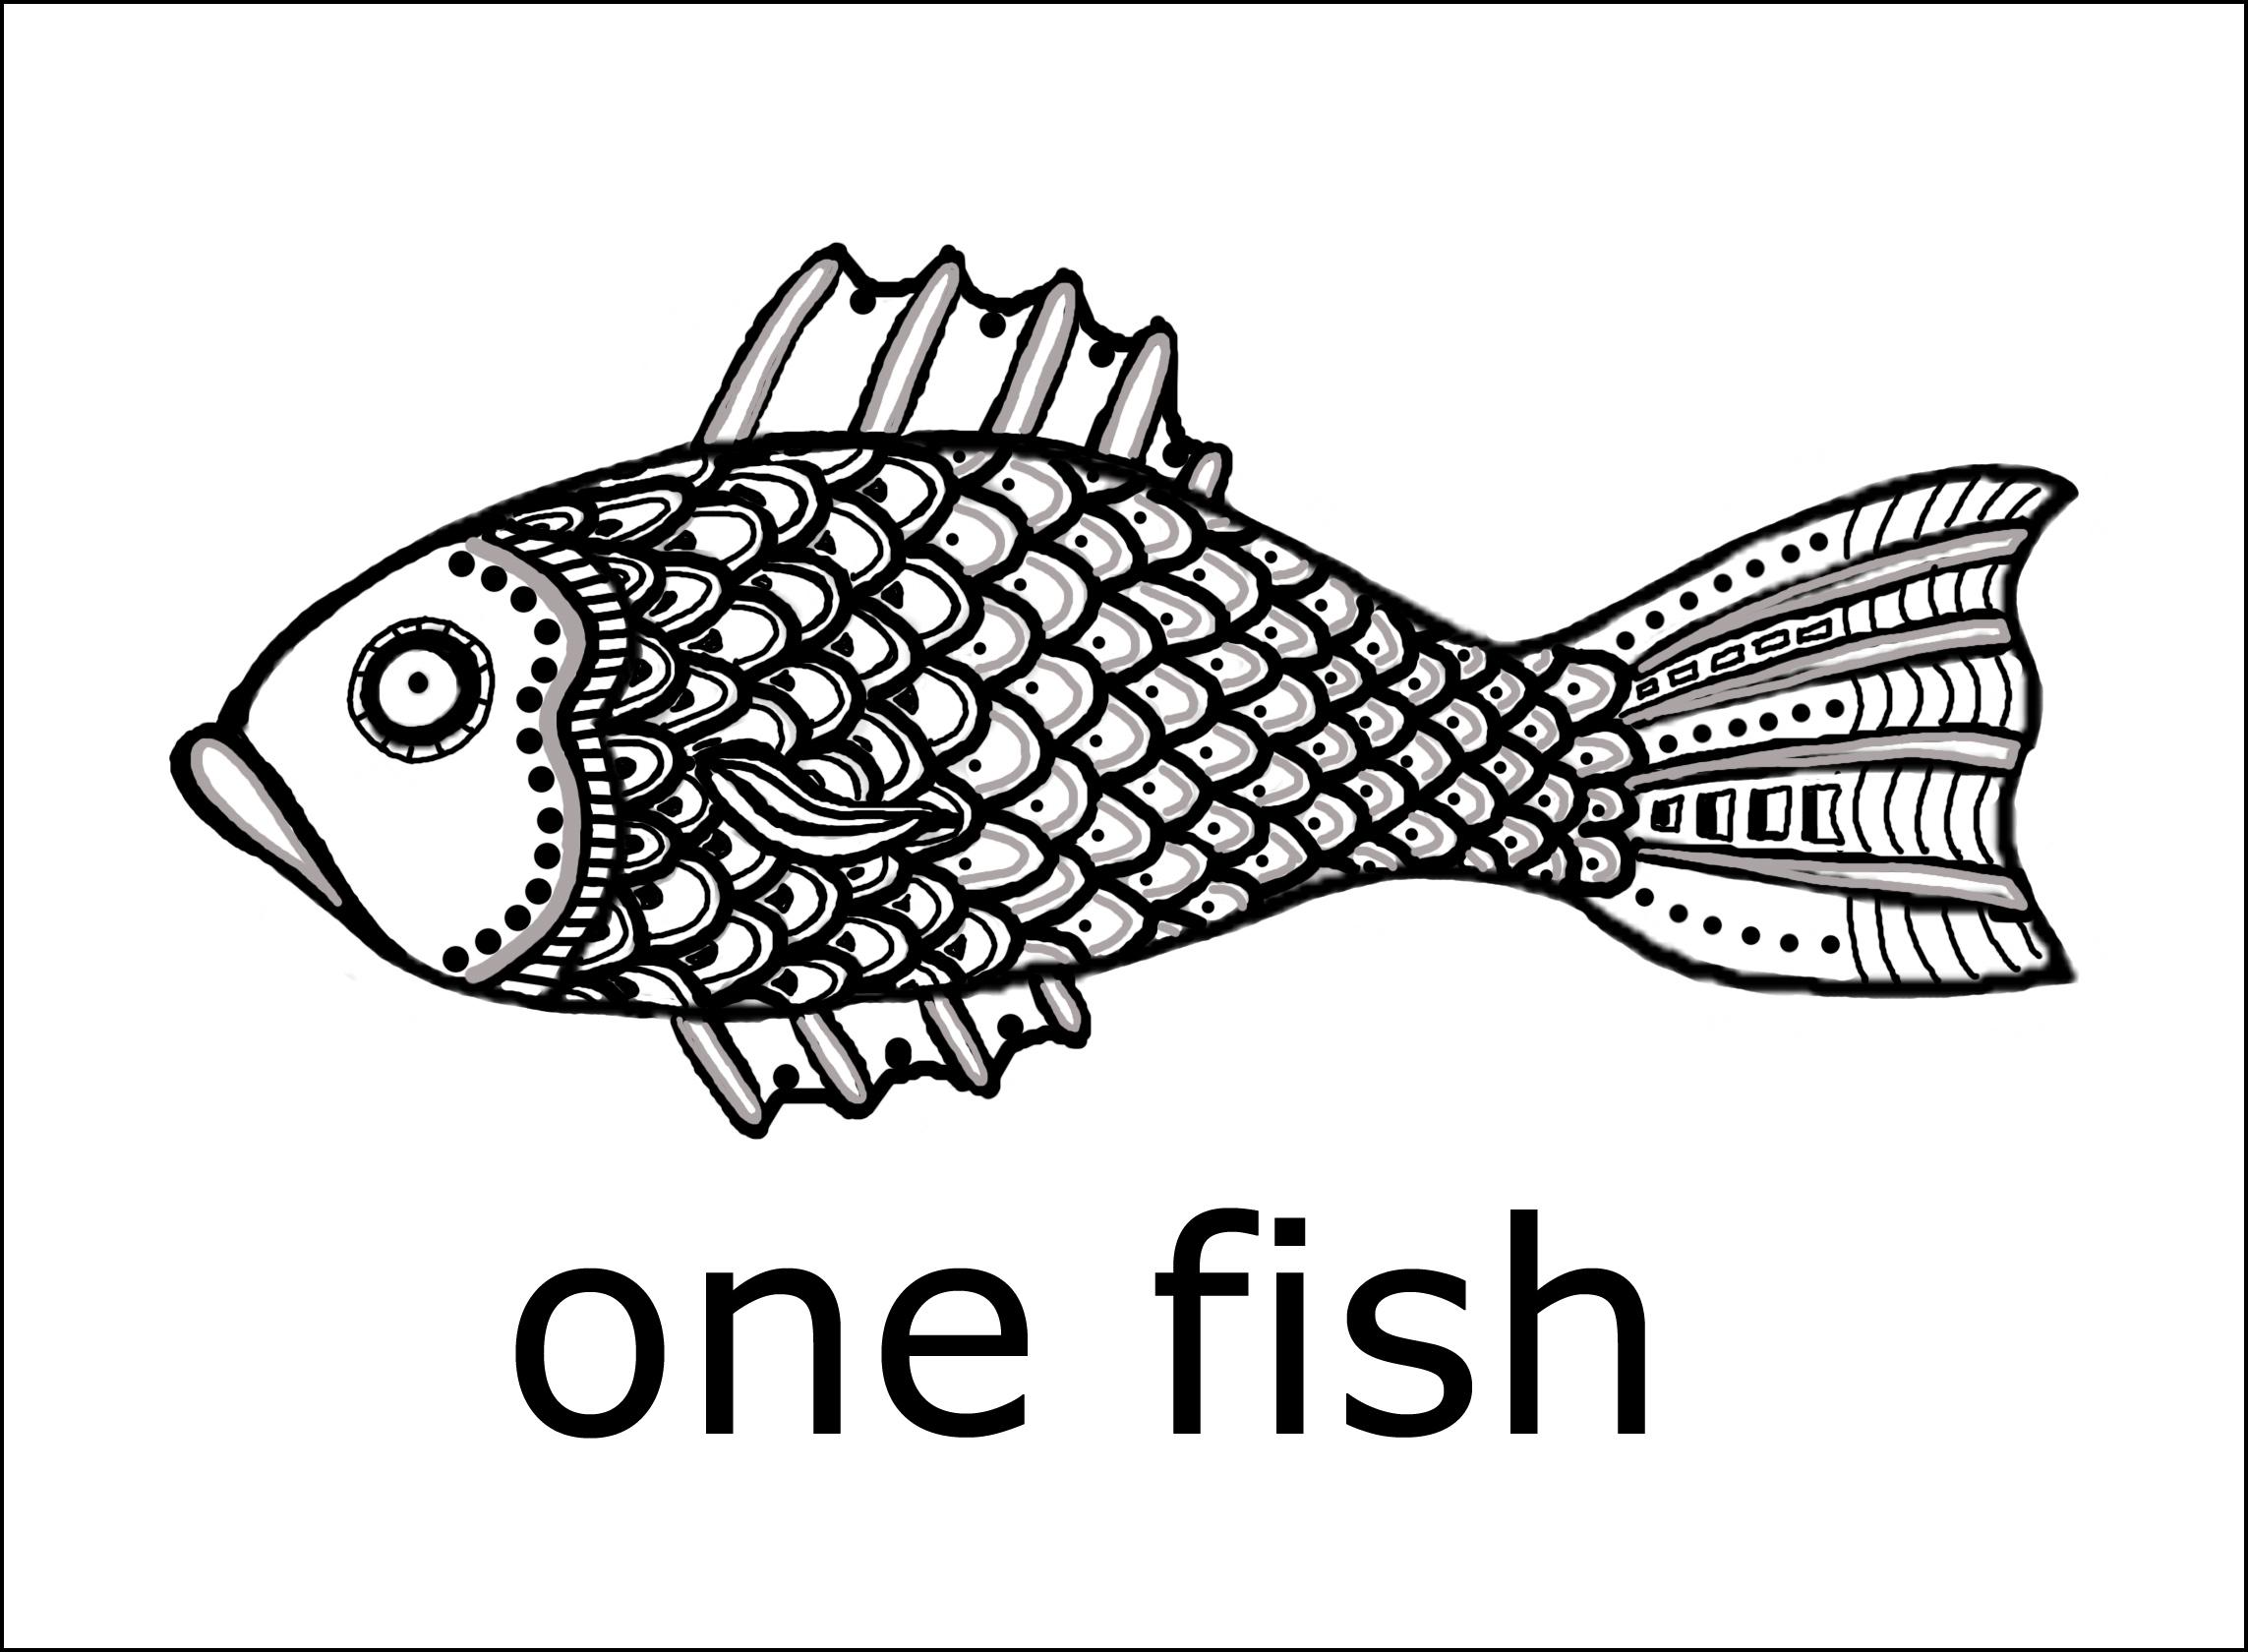 Carla s creative exercise 5 carla barrett for Fish market design ideas